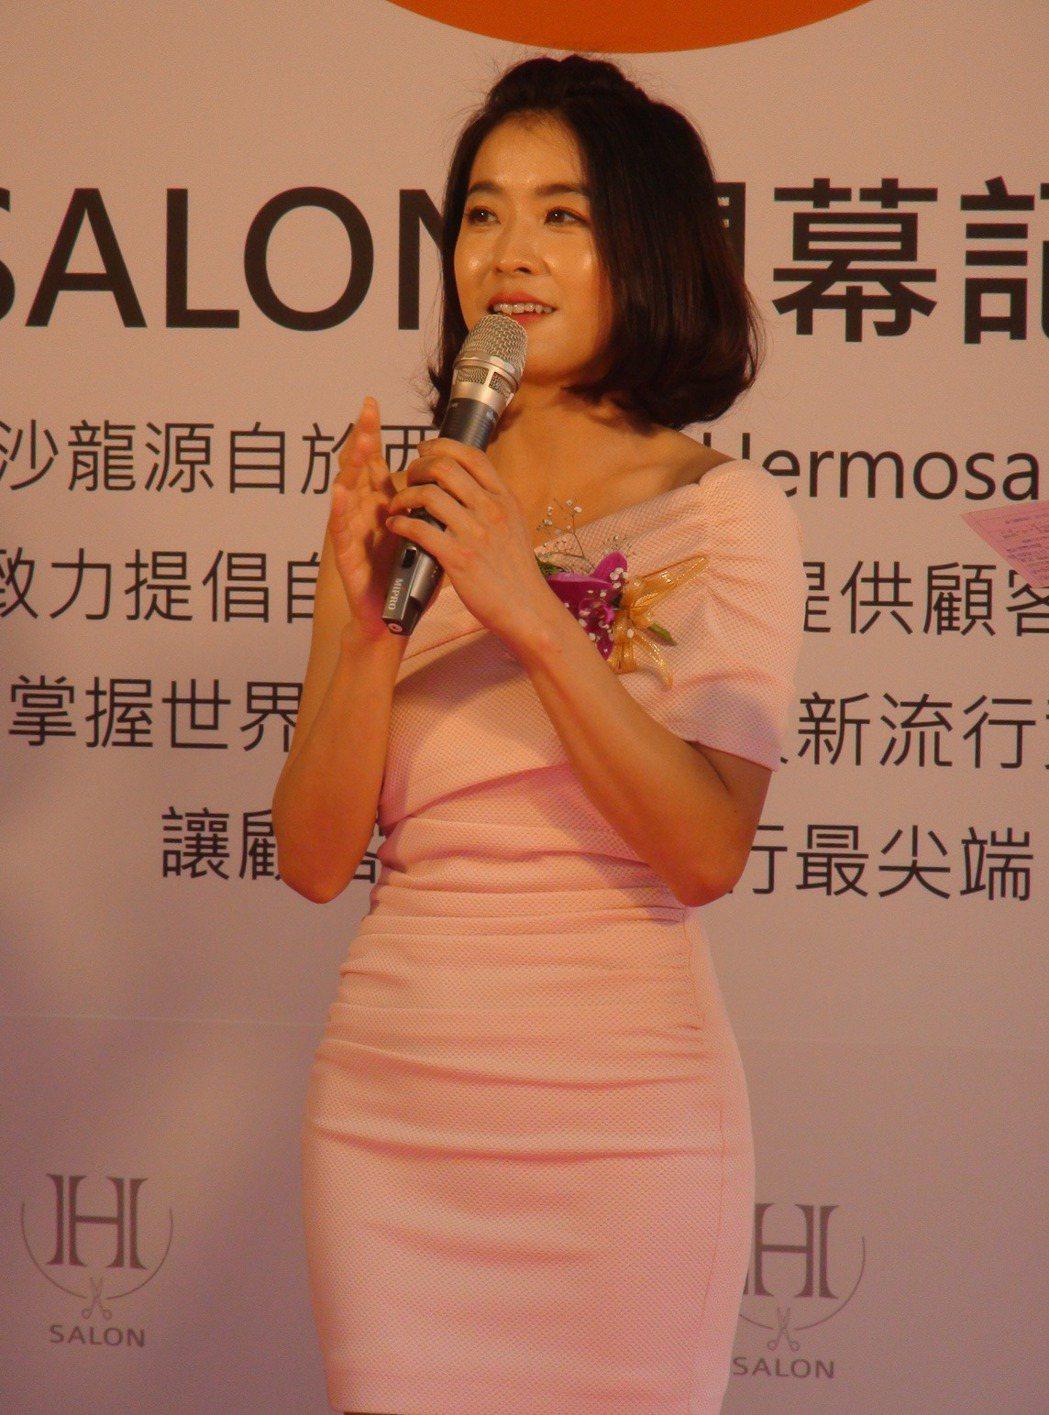 藝人小嫻最近新剪了一頭俏麗短髮,她昨天下午出席台中一間髮廊開幕,現場分享她護髮的